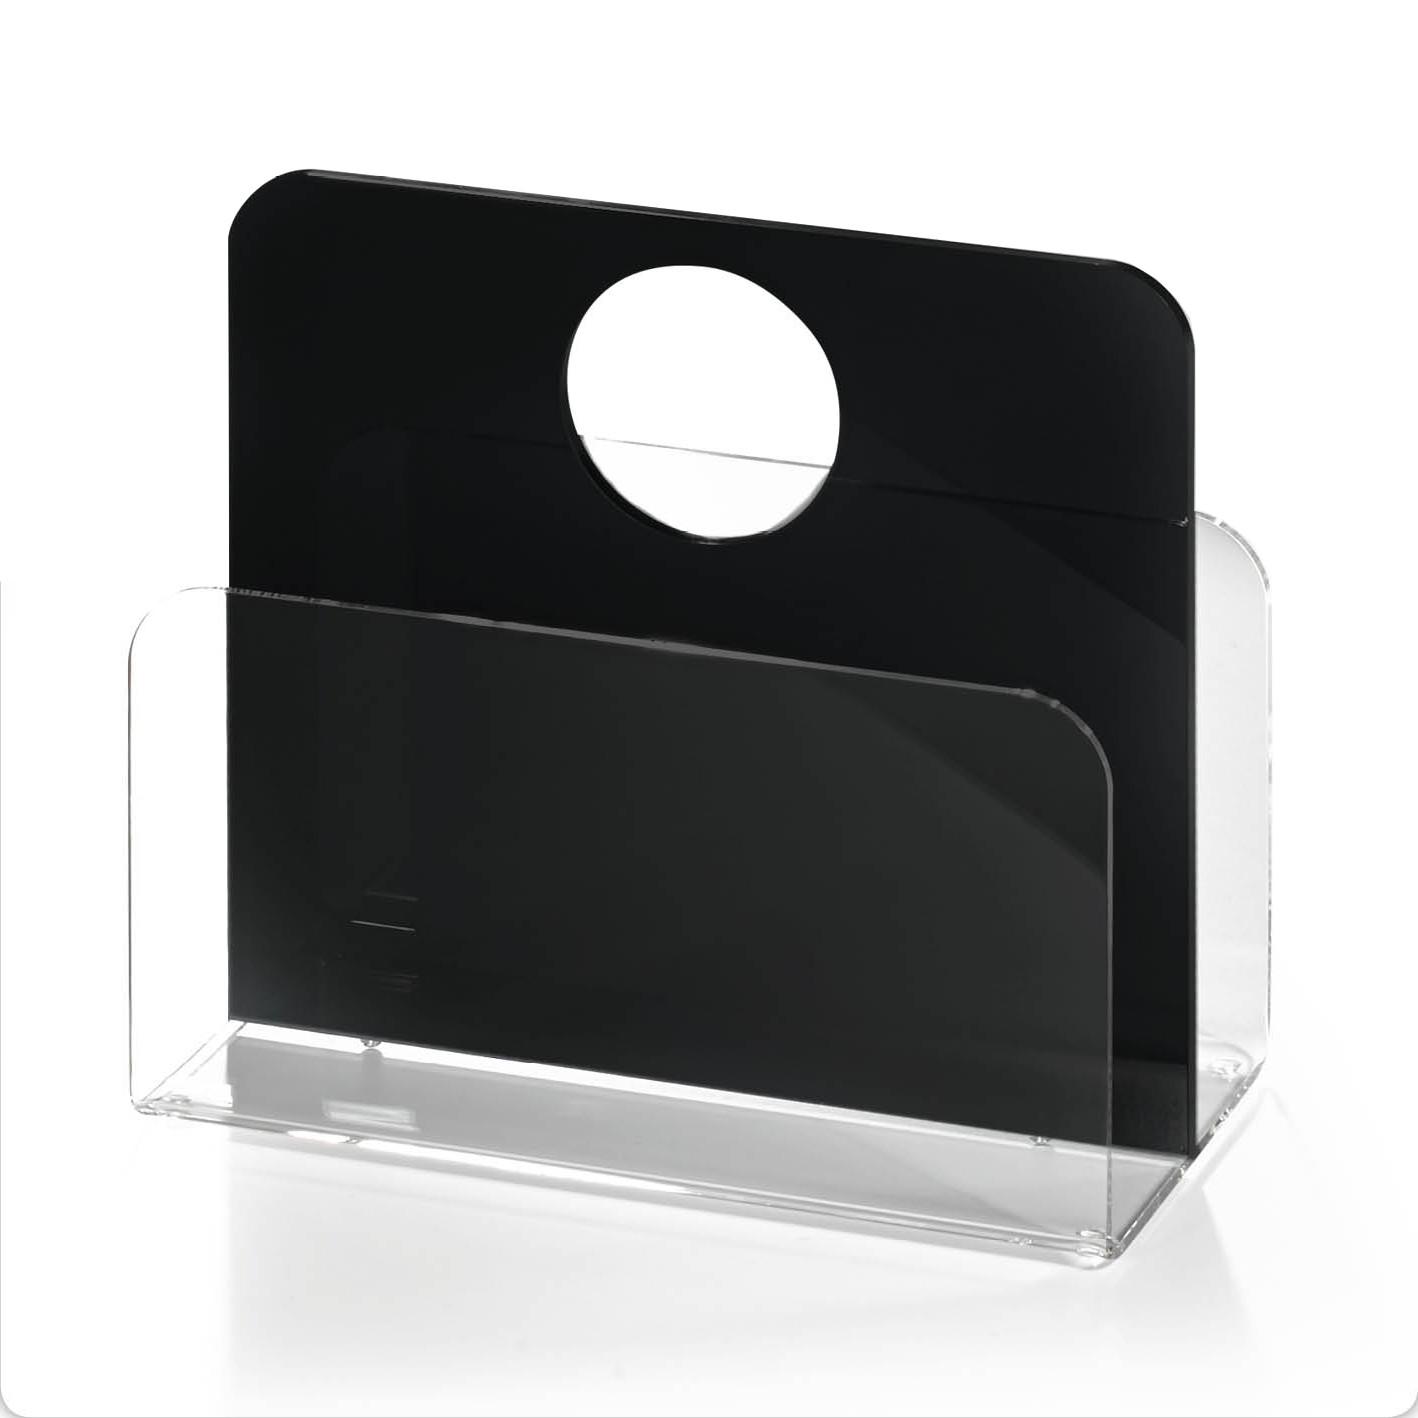 zeitungsst nder las vegas mit rundem tragegriff acrylglas schwarz wohnen. Black Bedroom Furniture Sets. Home Design Ideas